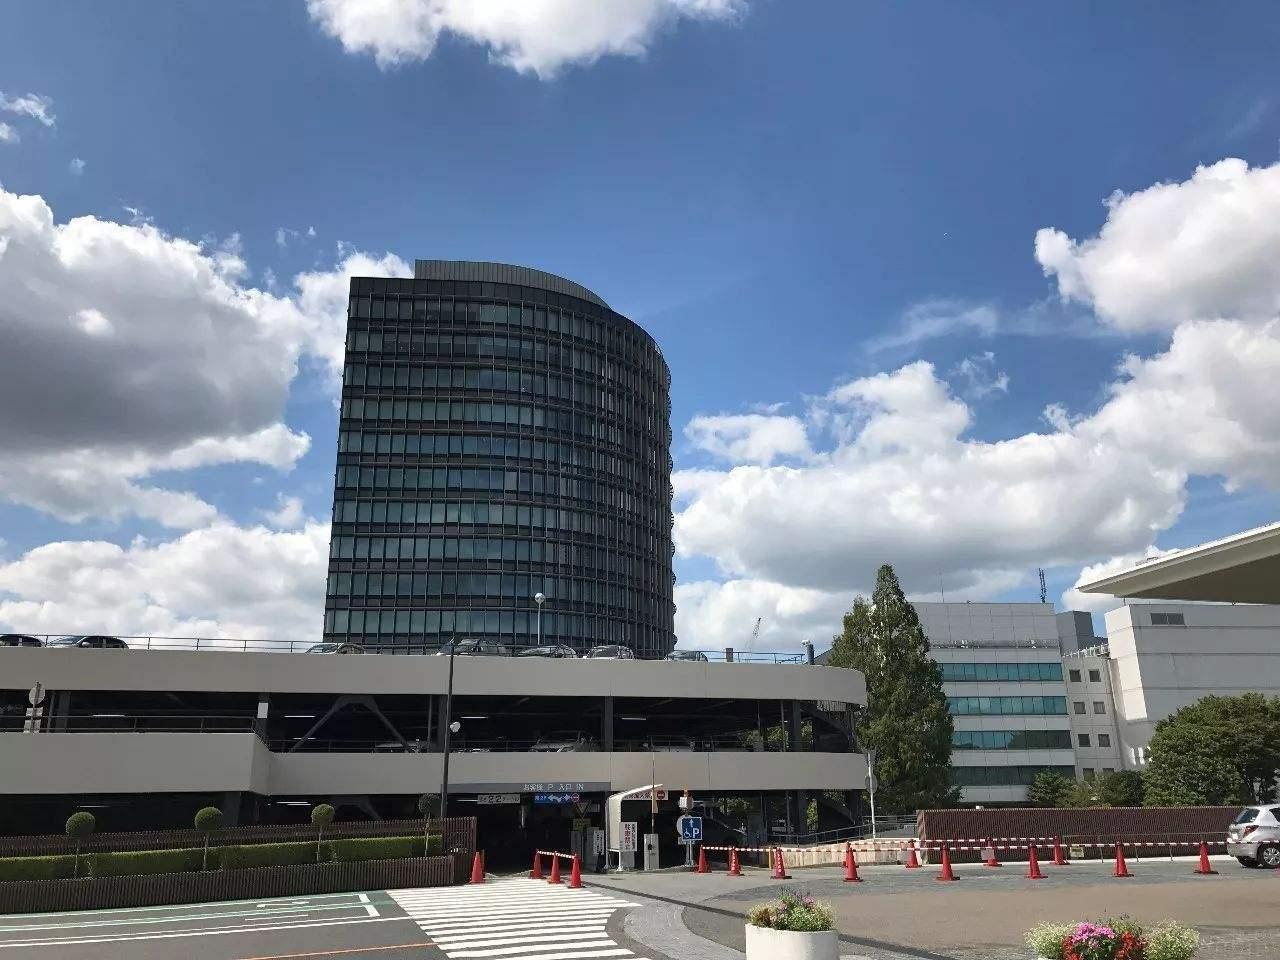 丰田宣布成立新部门 负责零排放车型研发与生产